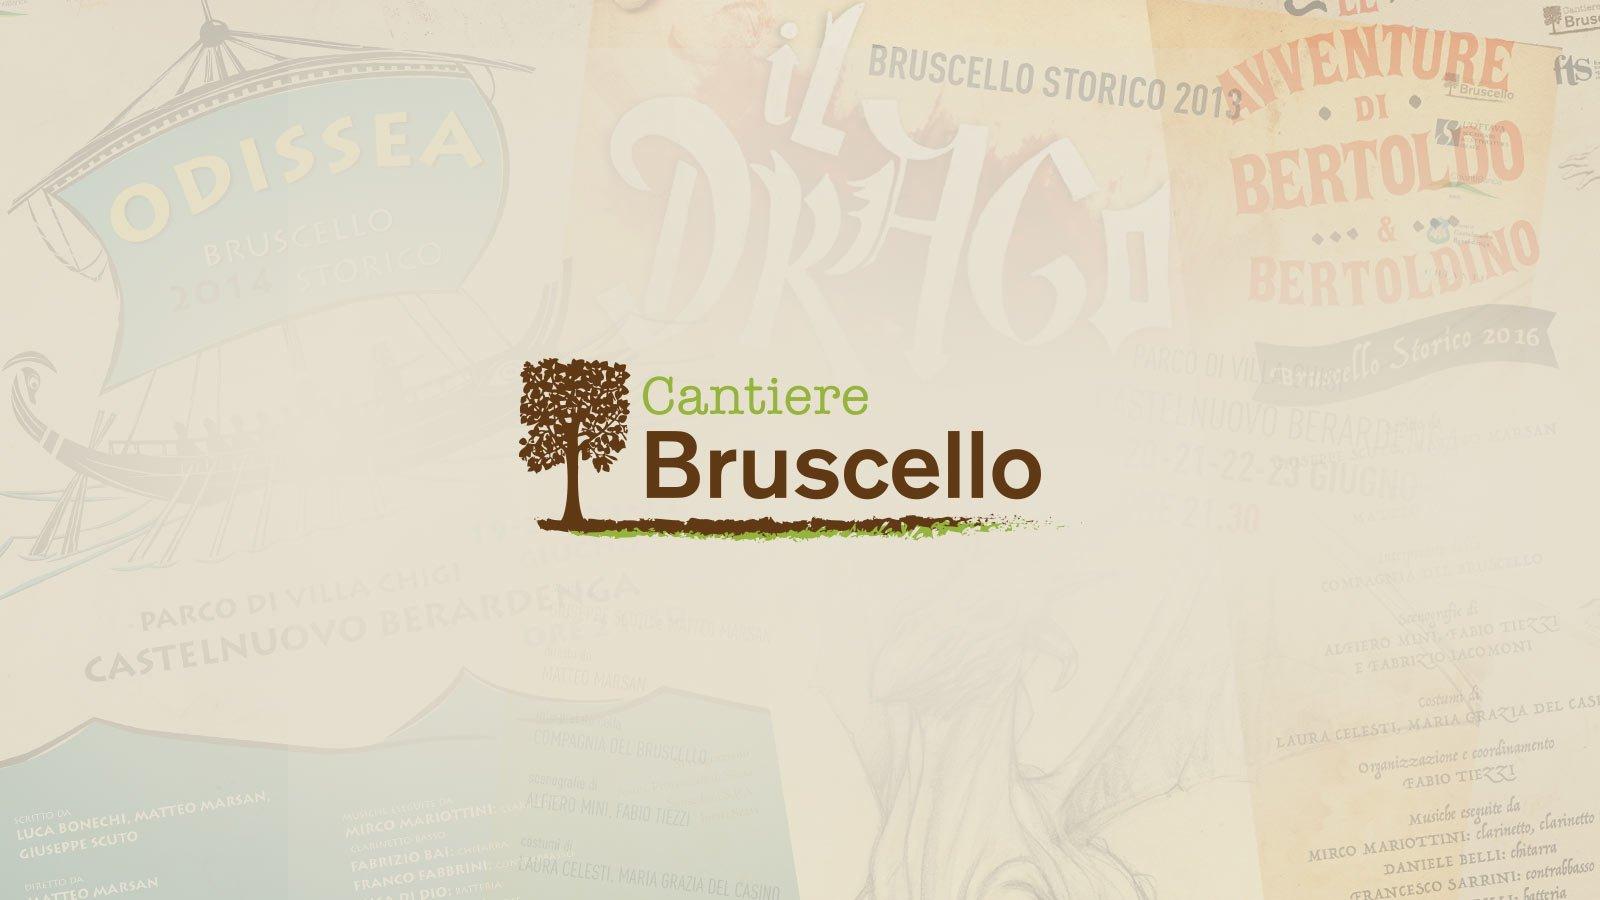 Bruscello Storico di Castelnuovo Berardenga